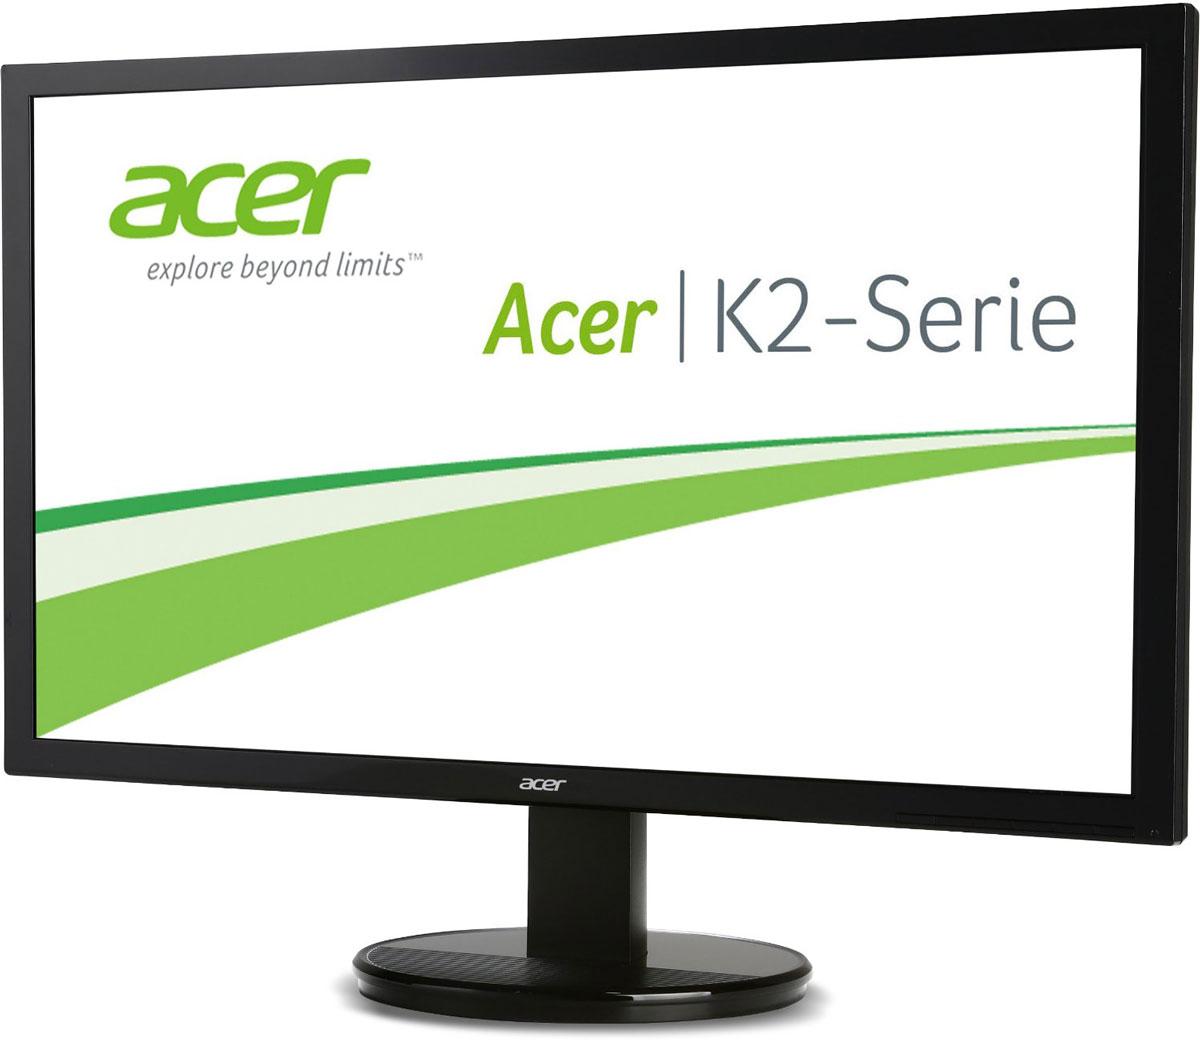 Acer K272HLbd, Black мониторUM.HW3EE.011Мониторы Acer K272HLbd — это доступные по цене устройства для повседневного использования. Они обеспечивают максимальный комфорт без ущерба для качества изображения. Стильный дизайн совмещает в себе широкие возможности подключения, с помощью различных портов, отличную производительность по привлекательной цене. Потрясающая производительность: Благодаря высокой детализации на экране со светодиодной подсветкой и разрешением Full HD, вы получите еще больше удовольствия от работы и развлечений. Благодаря системе адаптивного управления контрастностью Acer Adaptive Contrast Management, яркие цвета делают великолепное изображение еще лучше. Комфортный просмотр: Экран ComfyView предотвращает бликование для более комфортного просмотра. Также он воспроизводит яркие цвета, чтобы вы получили удовольствие от просмотра. Продуманная конструкция: Установите угол обзора дисплея K2 для оптимального просмотра с помощью эргономичной...